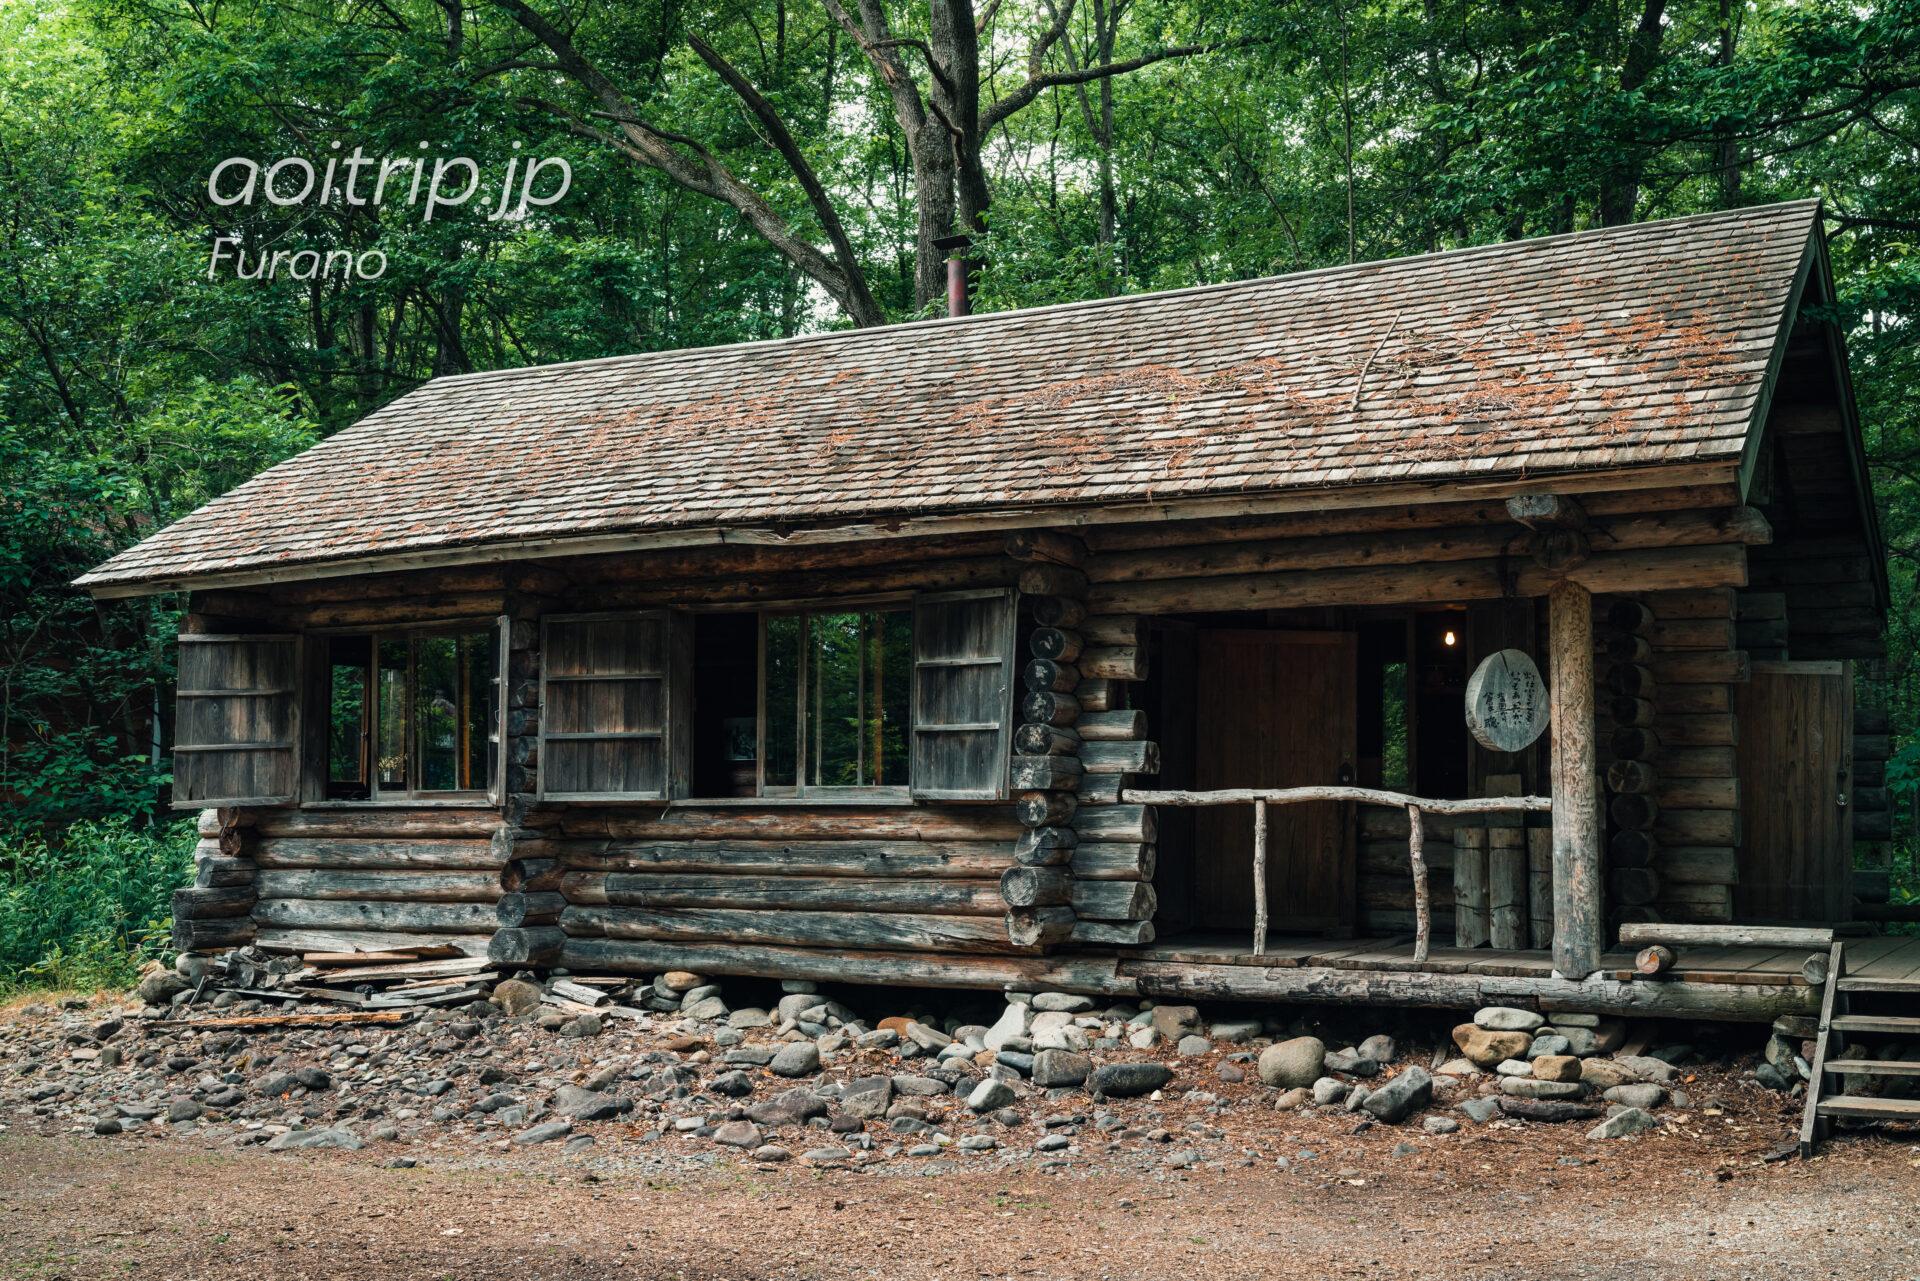 麓郷の森 Rokugo no Mori 黒板家の丸太小屋(2番目の家)